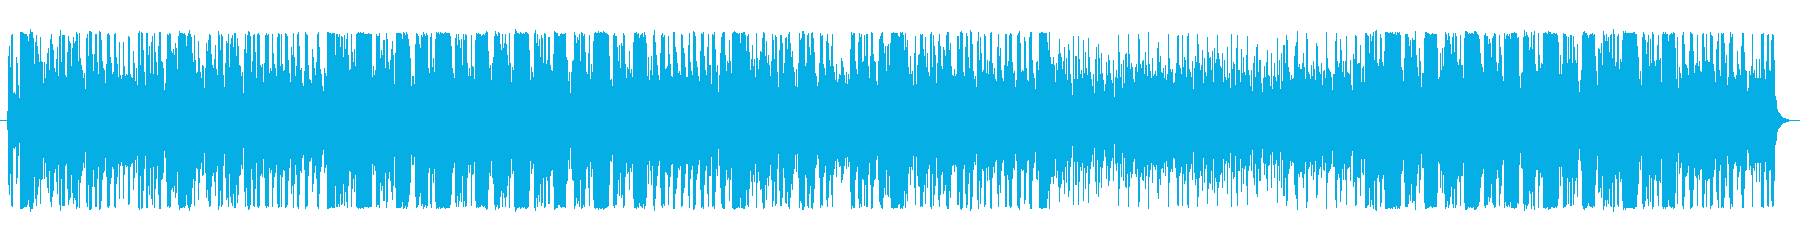 ラテン系 楽しげ エキゾチック パ...の再生済みの波形